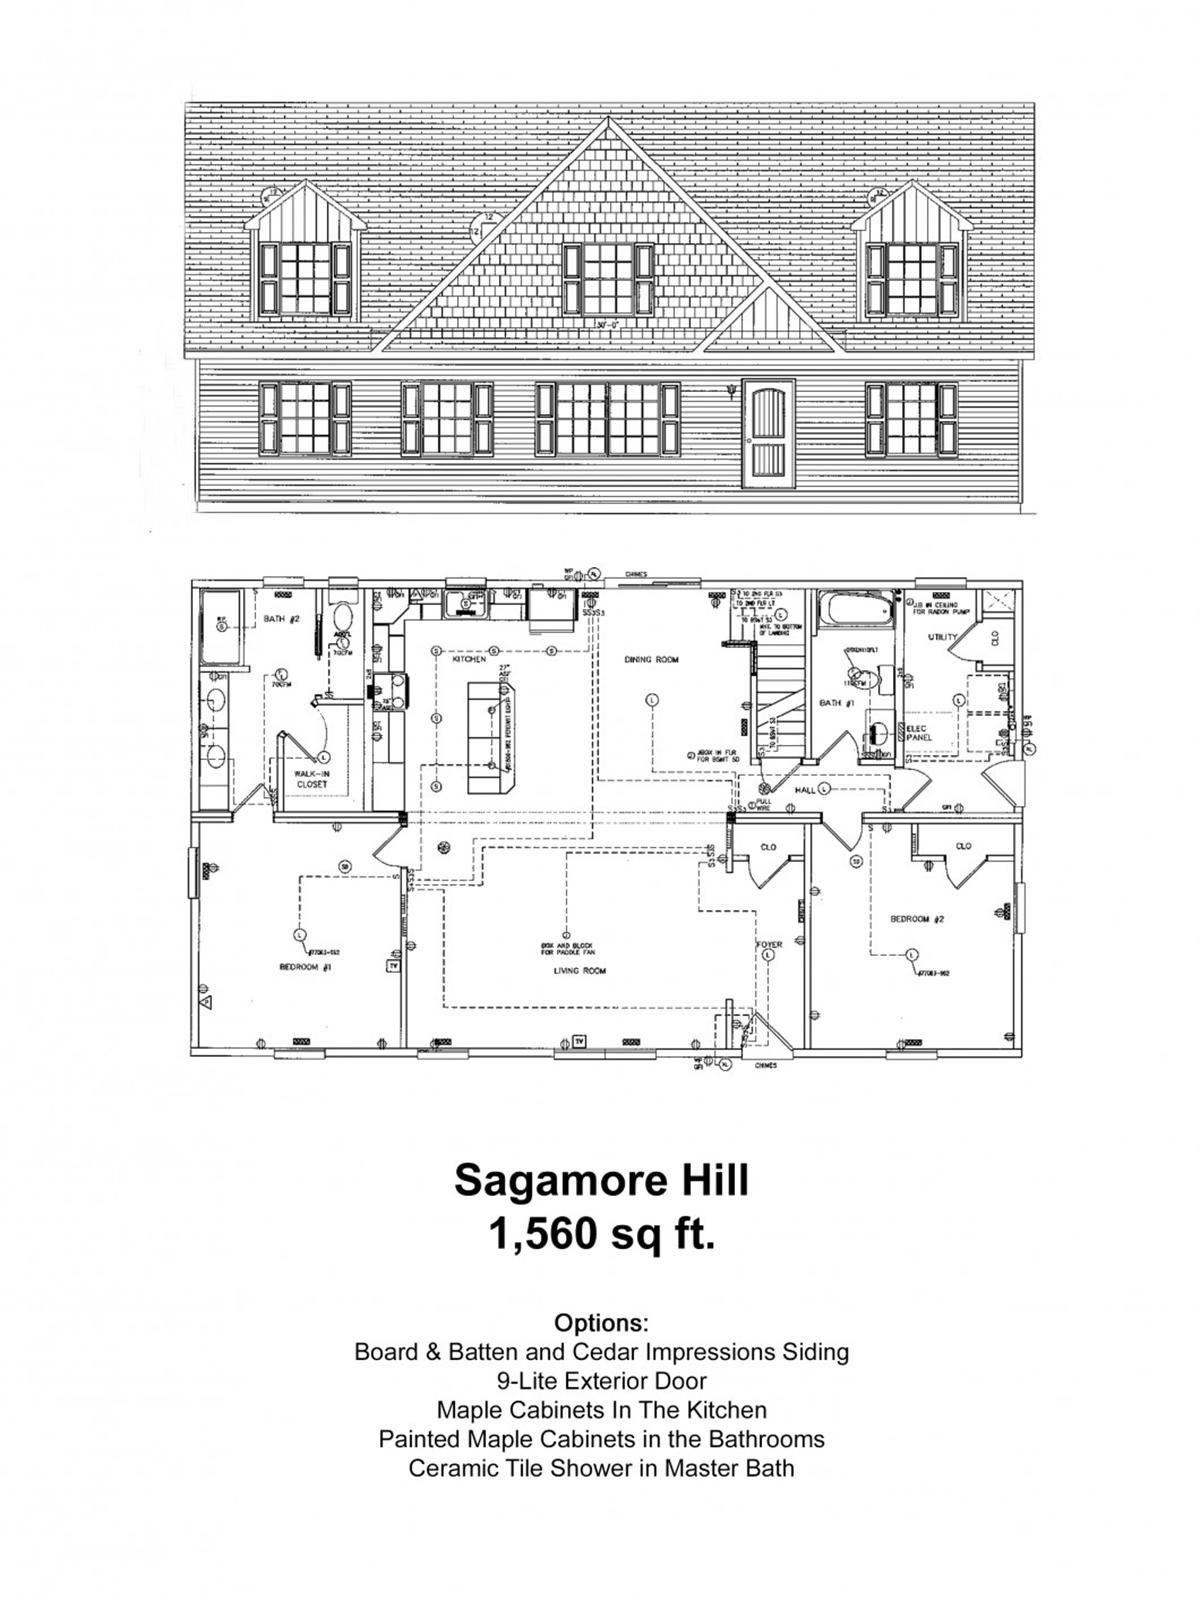 Sagamore Hill